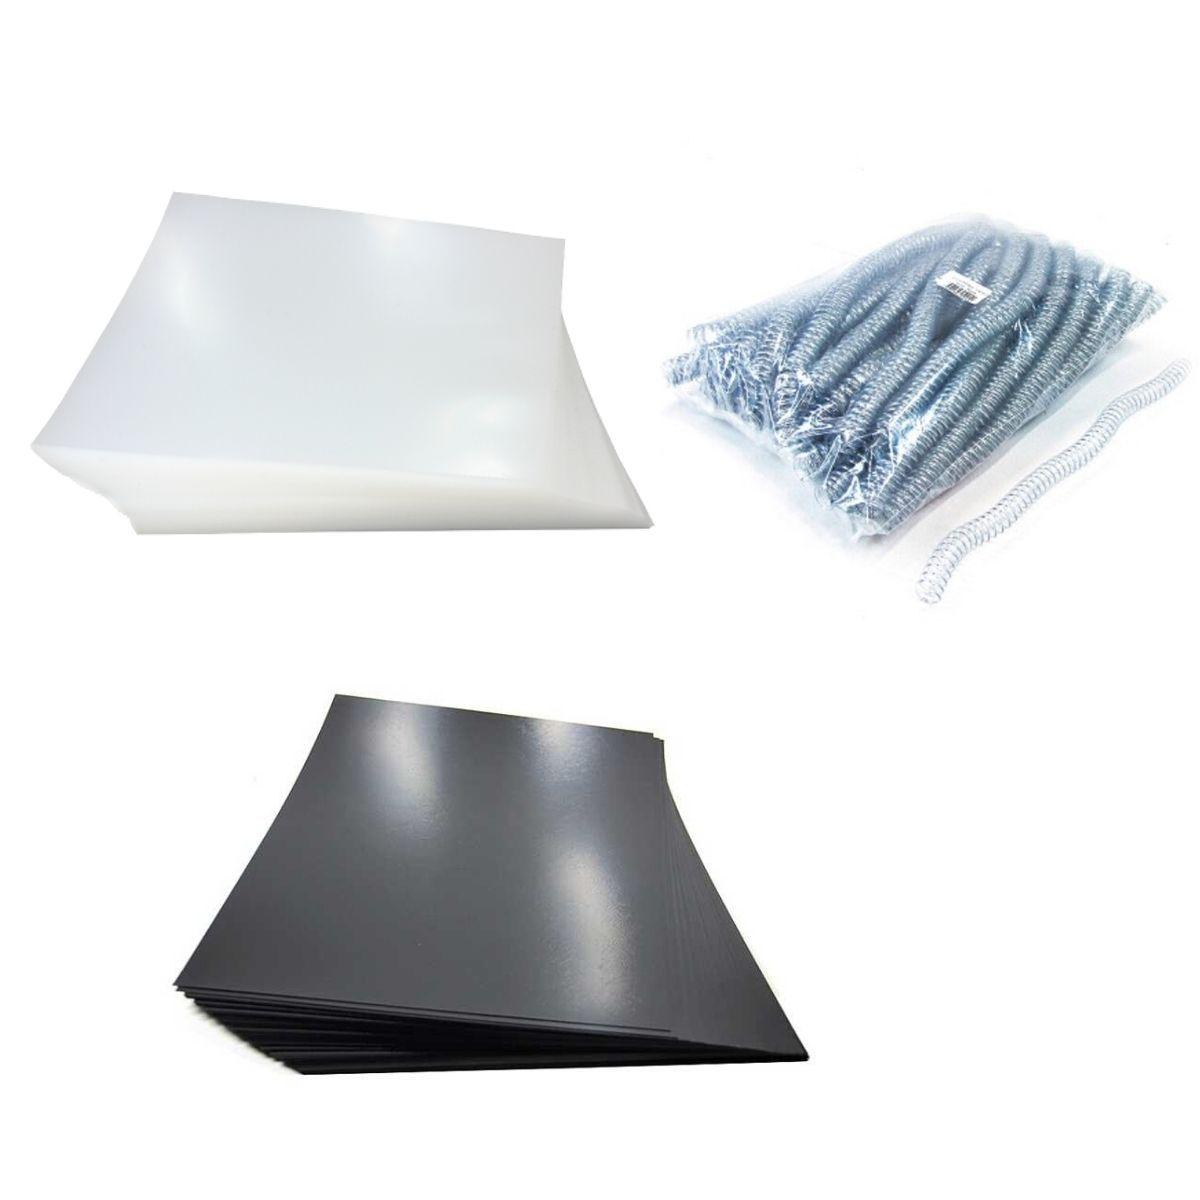 Kit 200 Capas e 100 Espirais Transparentes (Cristal) para Encadernação 12mm até 70 Folhas  - Click Suprimentos